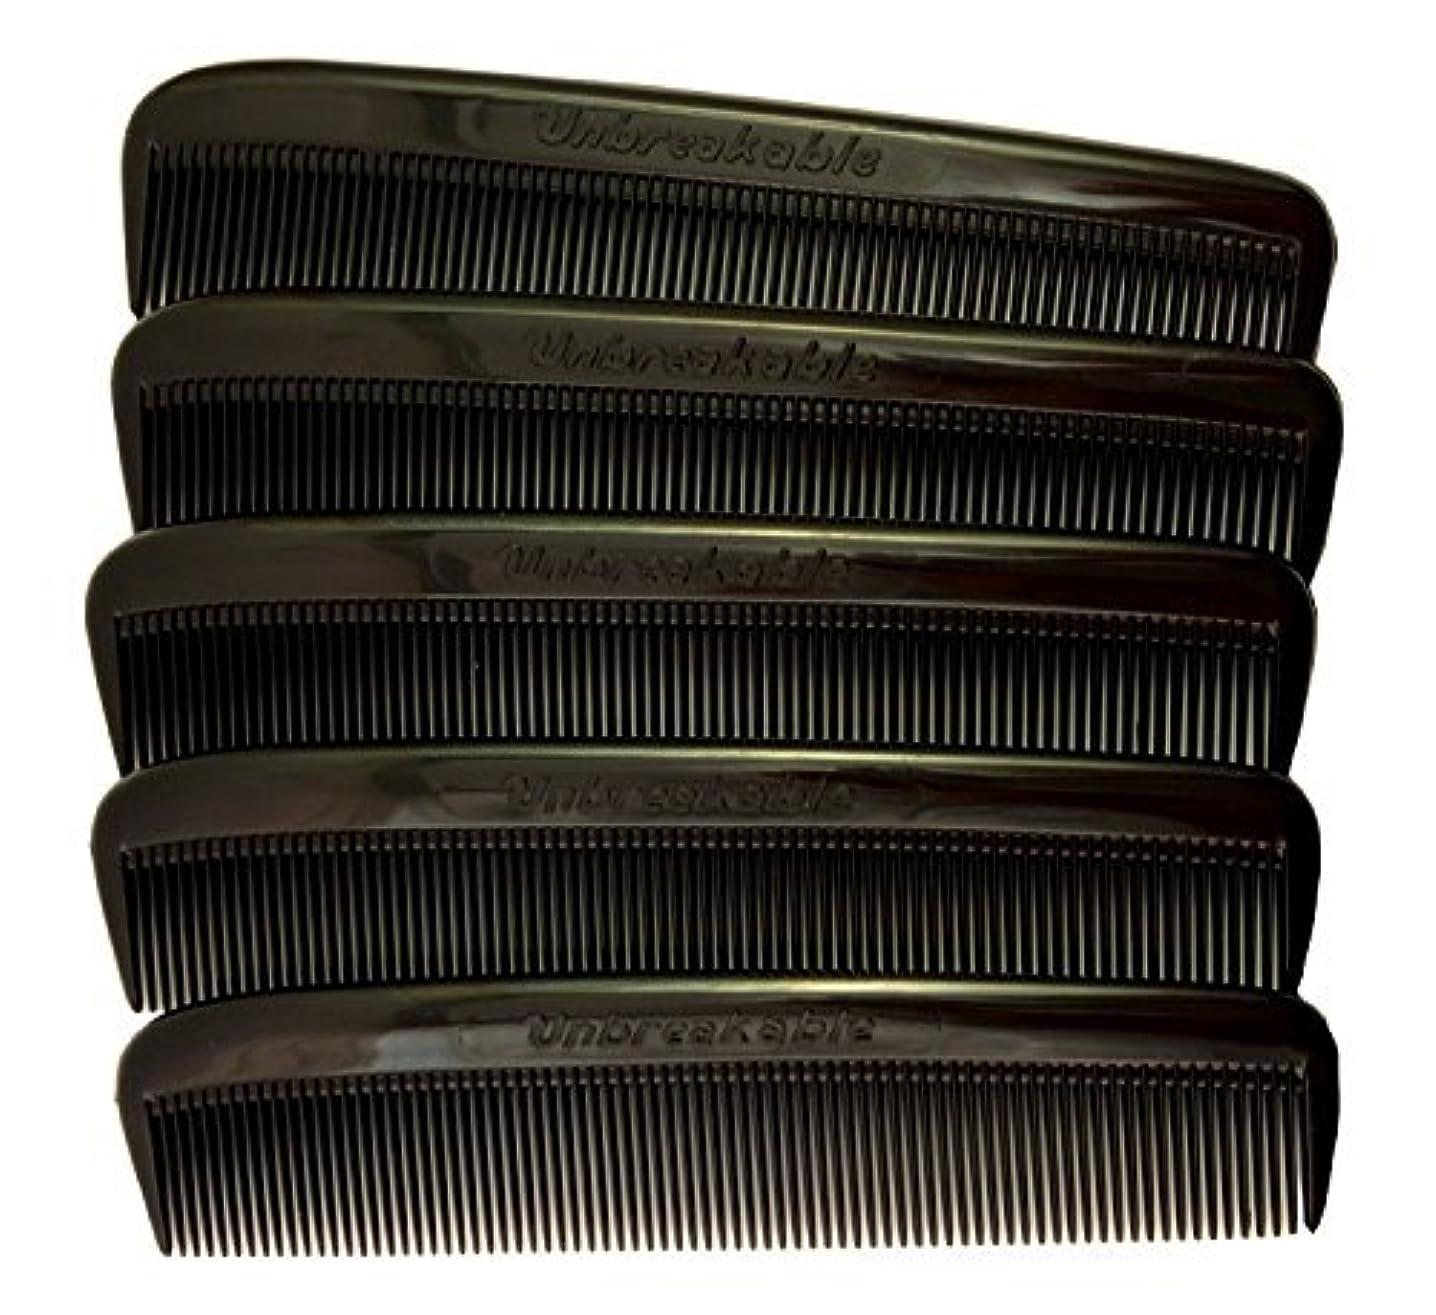 ブースハグ本当のことを言うとSet of 25 Clipper-mate Pocket Combs 5